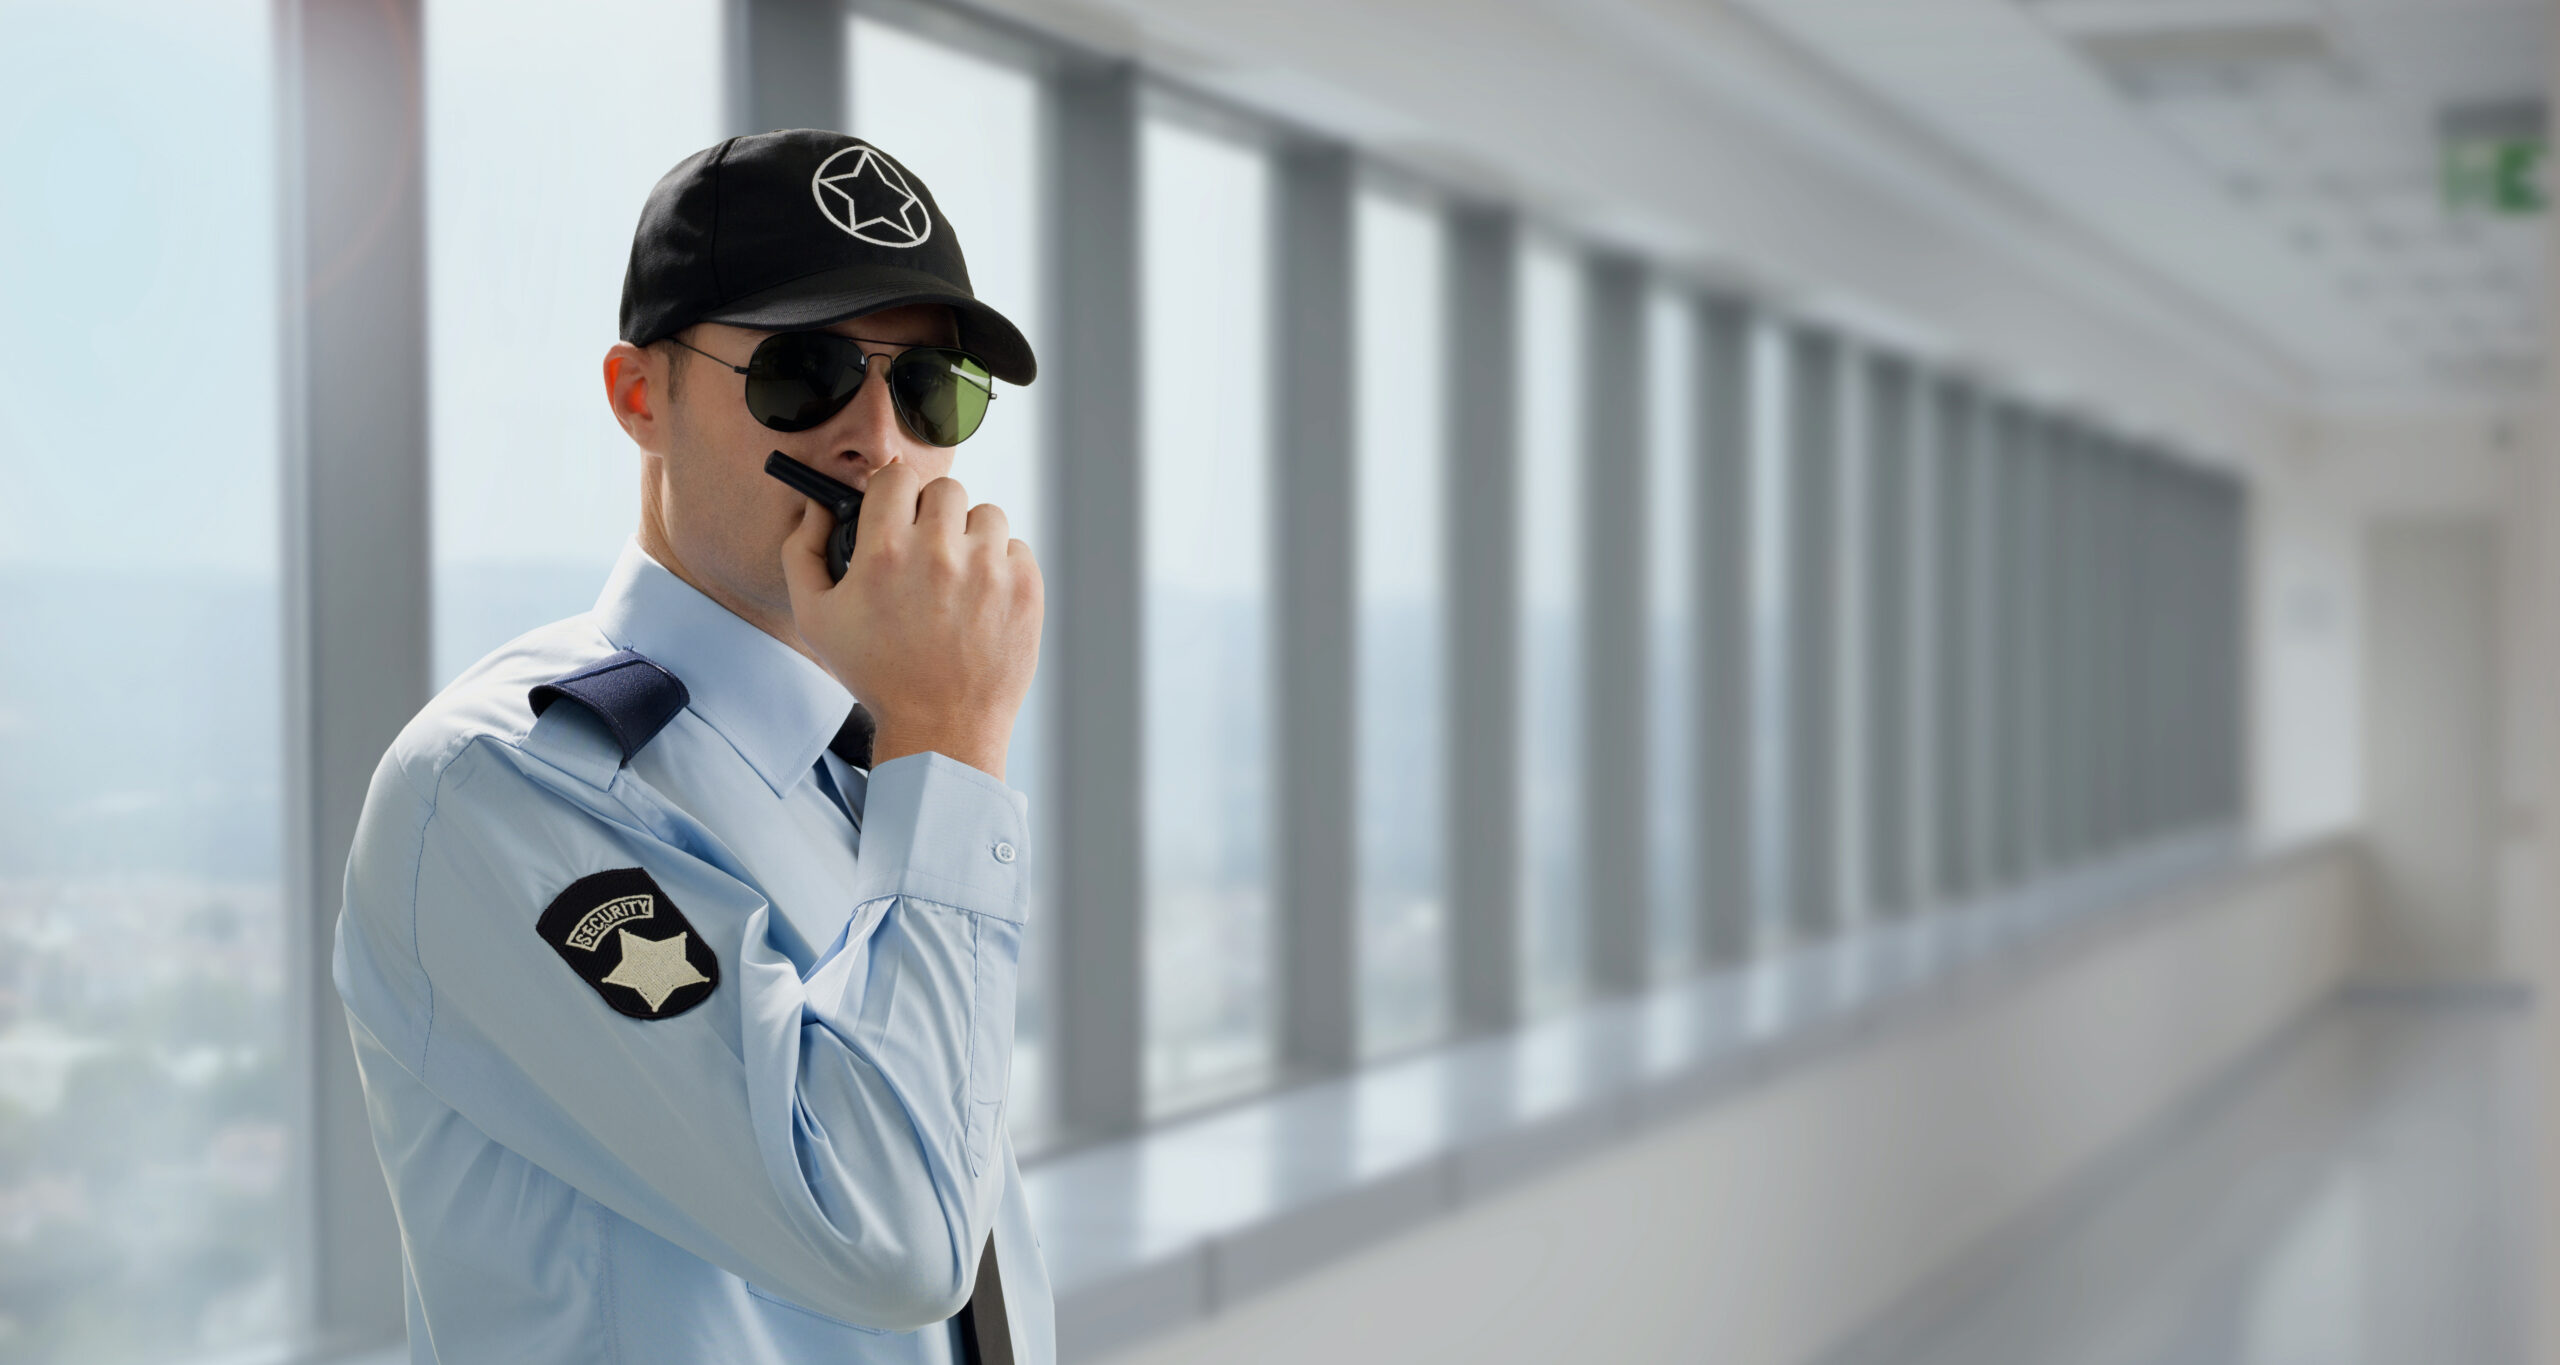 security-guard-1